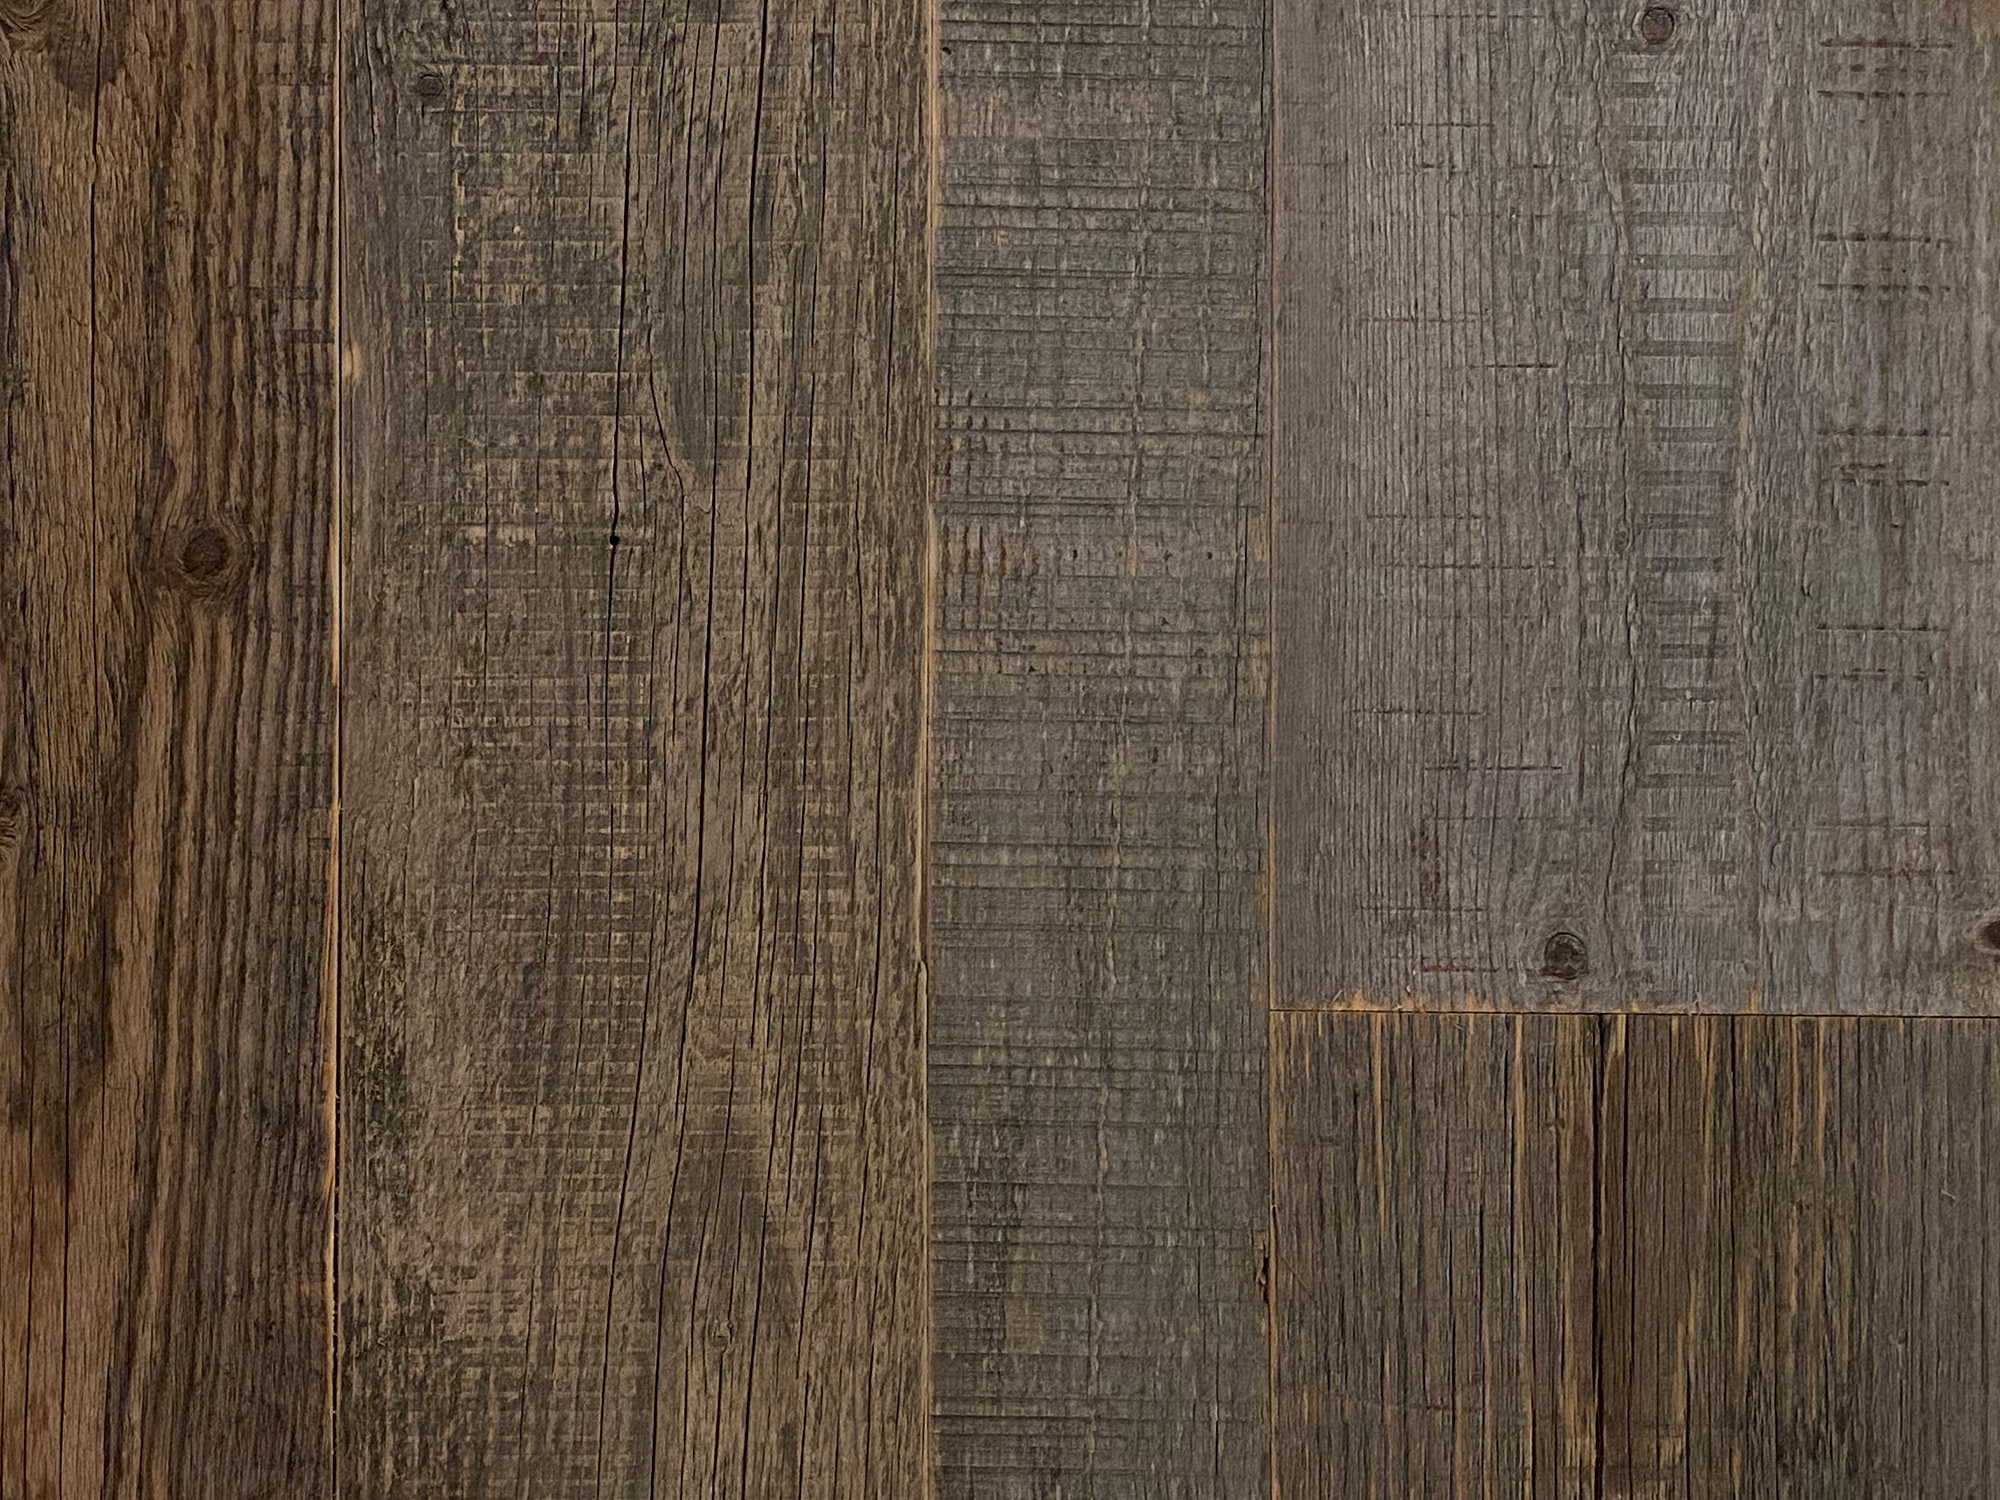 Silver spruce cladding